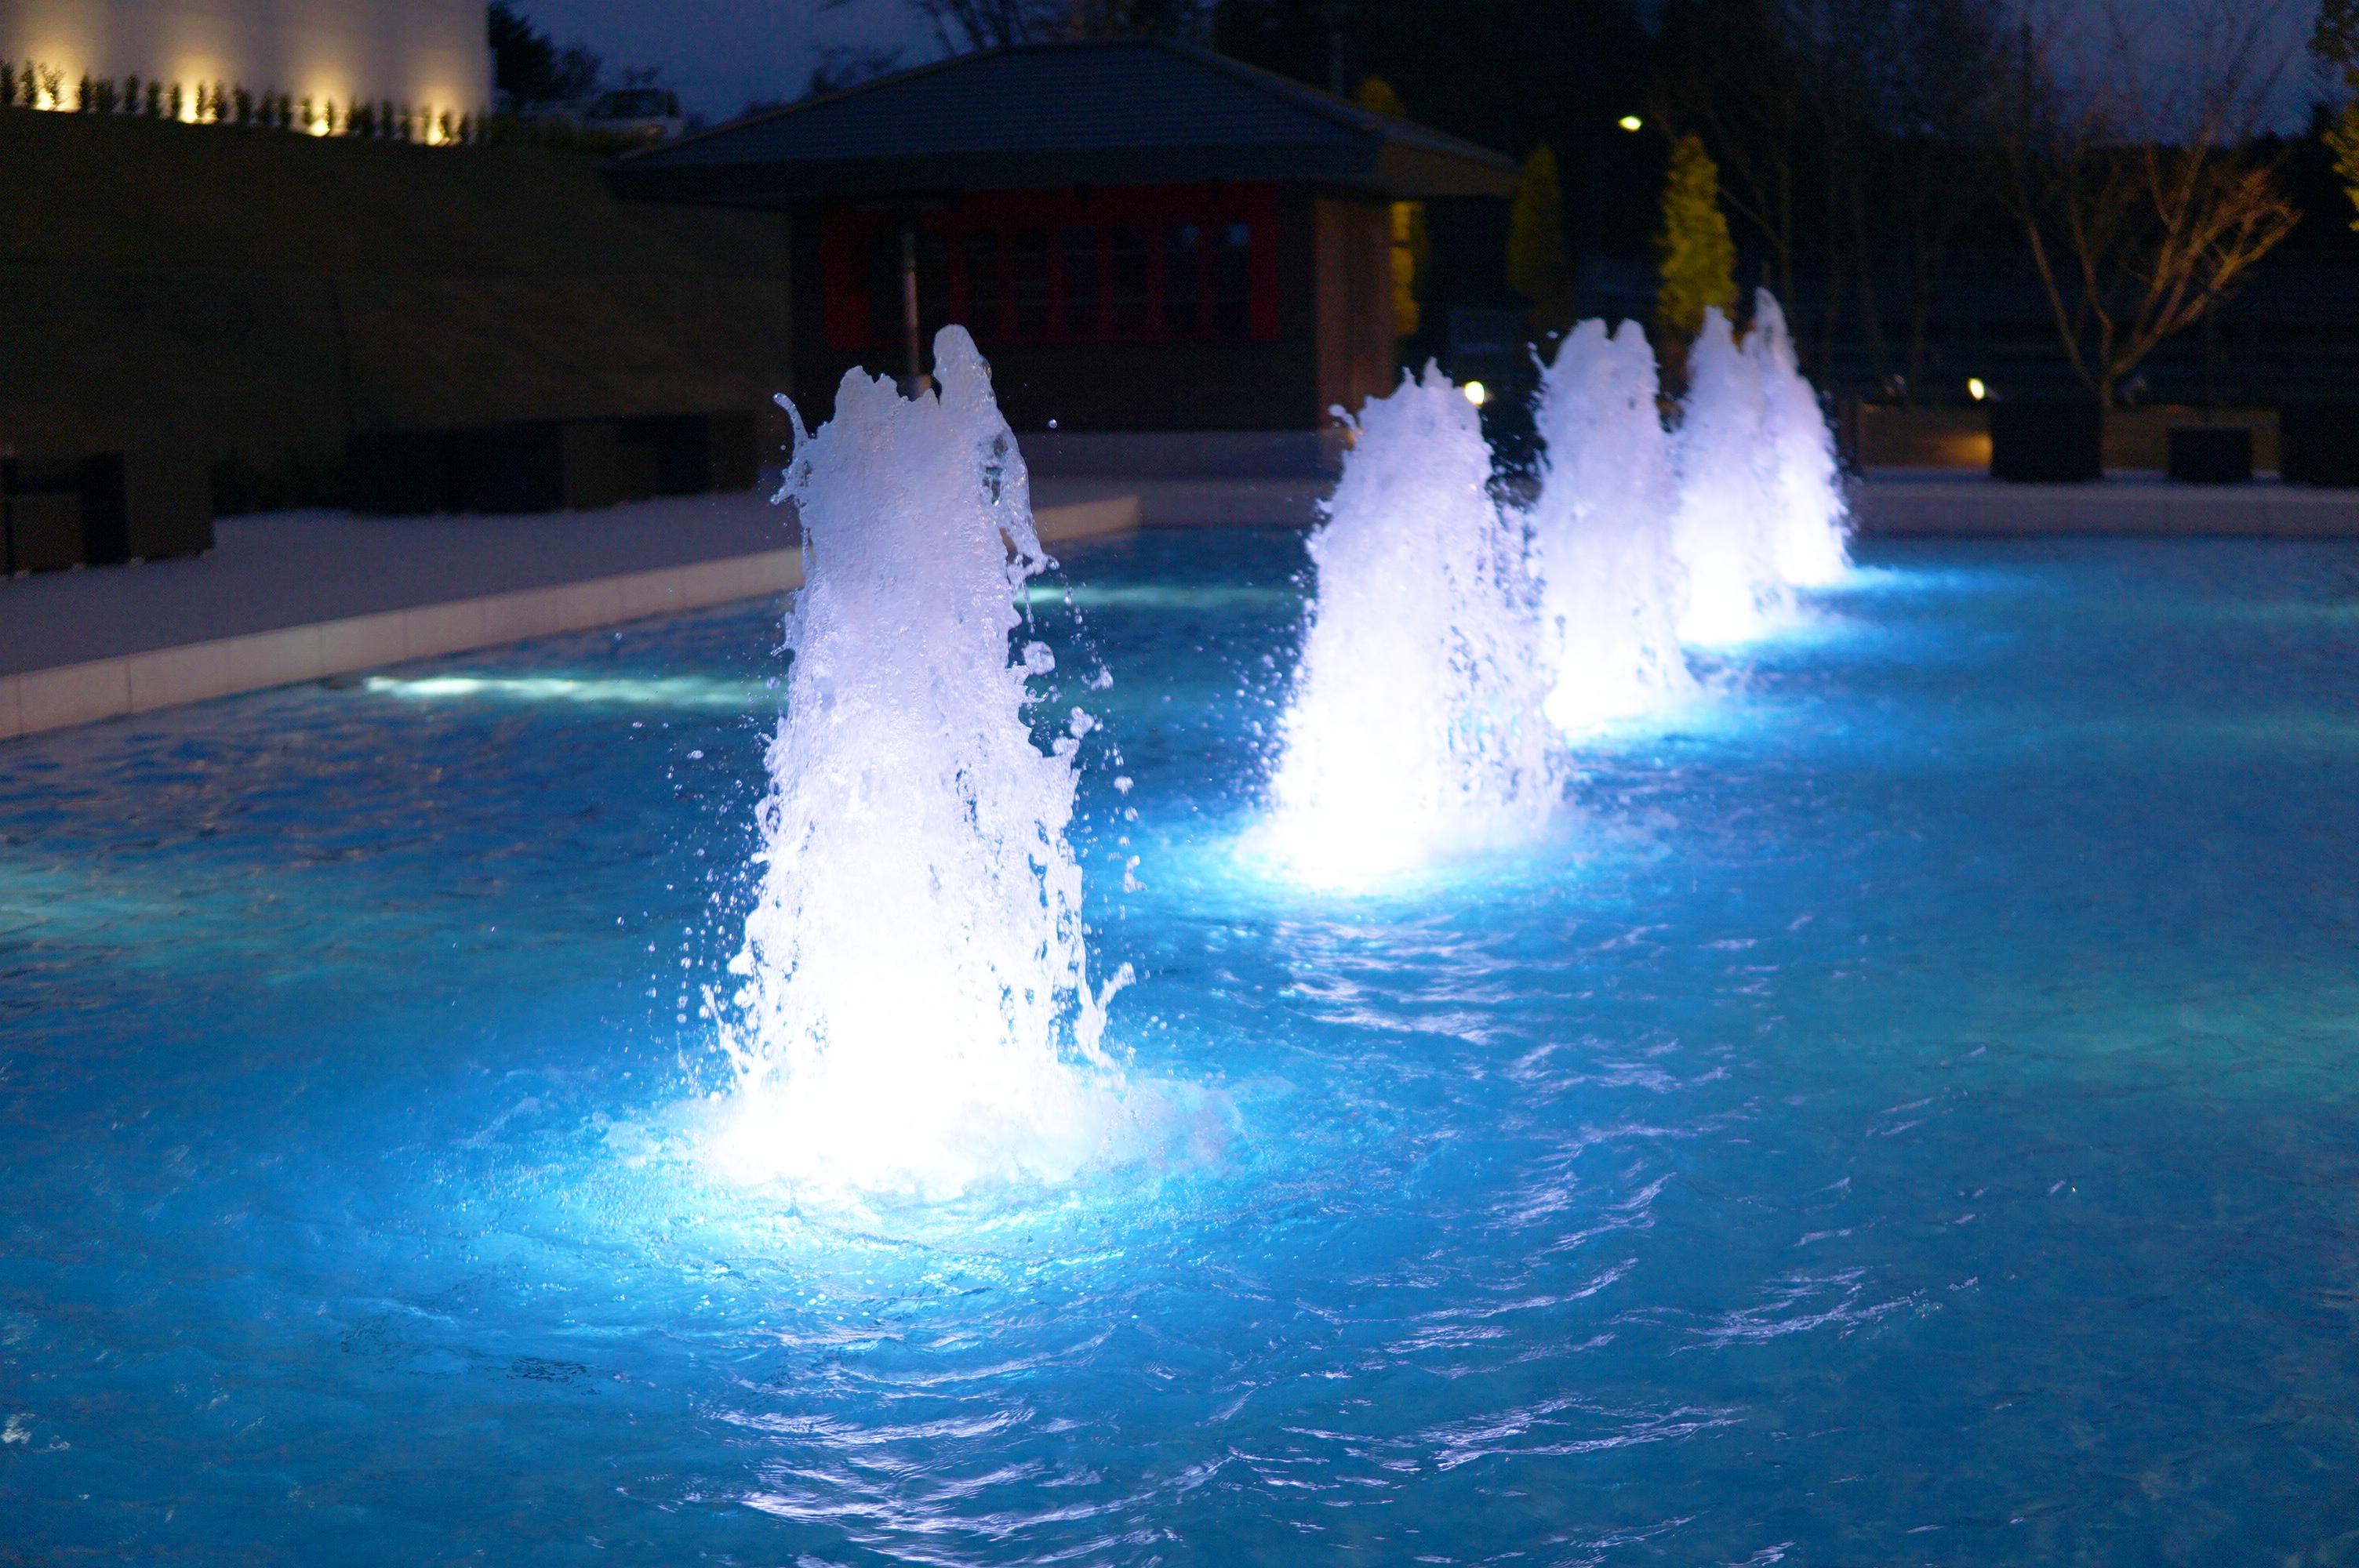 【噴水の種類】キャンドル型噴水